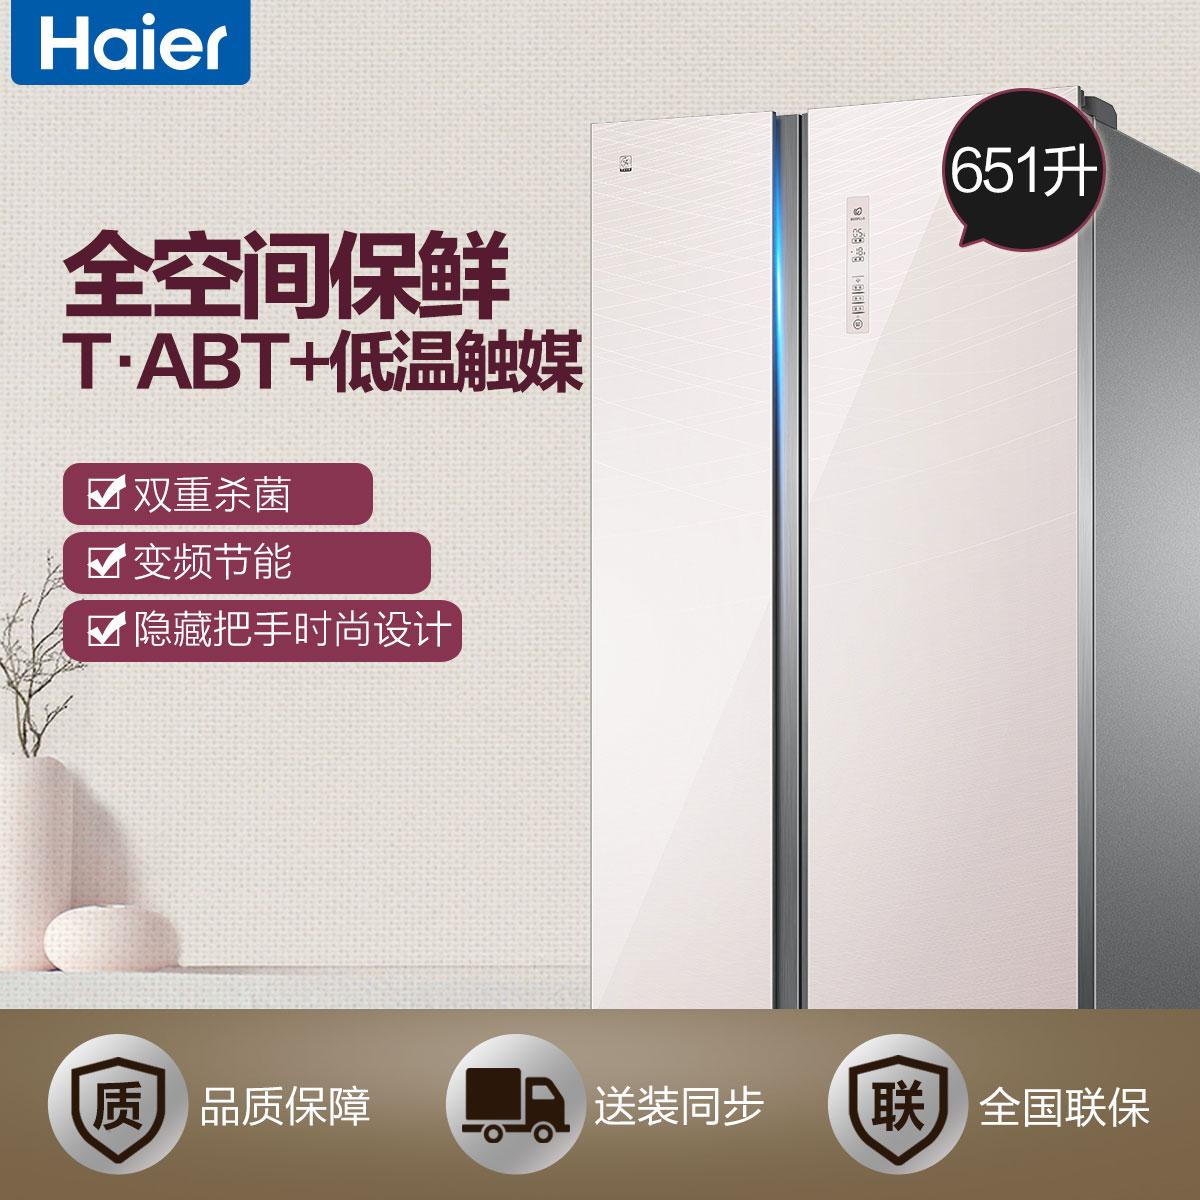 Haier/海尔 冰箱 BCD-651WDEC 651升对开门双变频风冷无霜彩晶面板节能冰箱